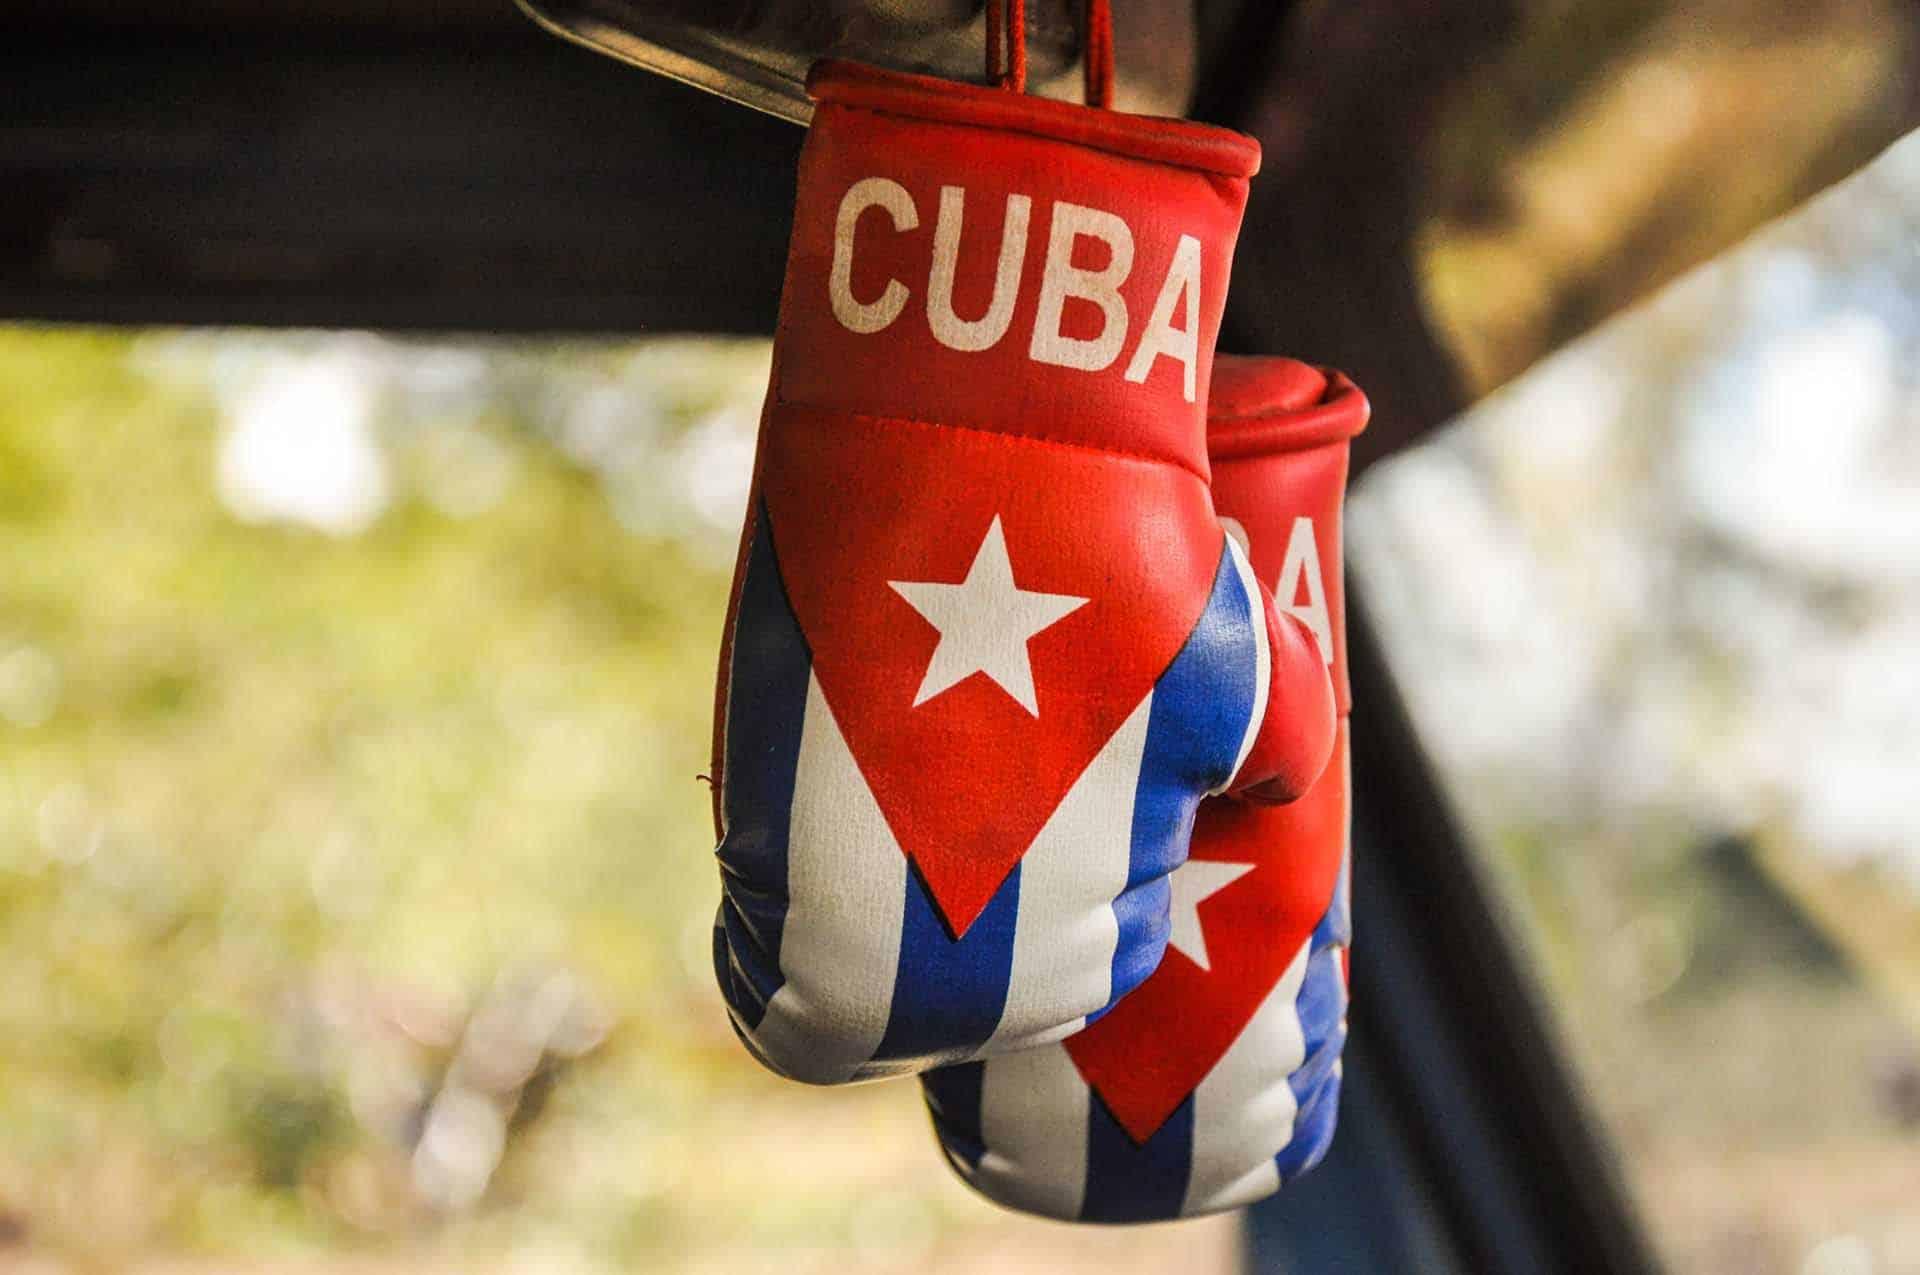 A0106 boxe cubaine 01 cuba autrement